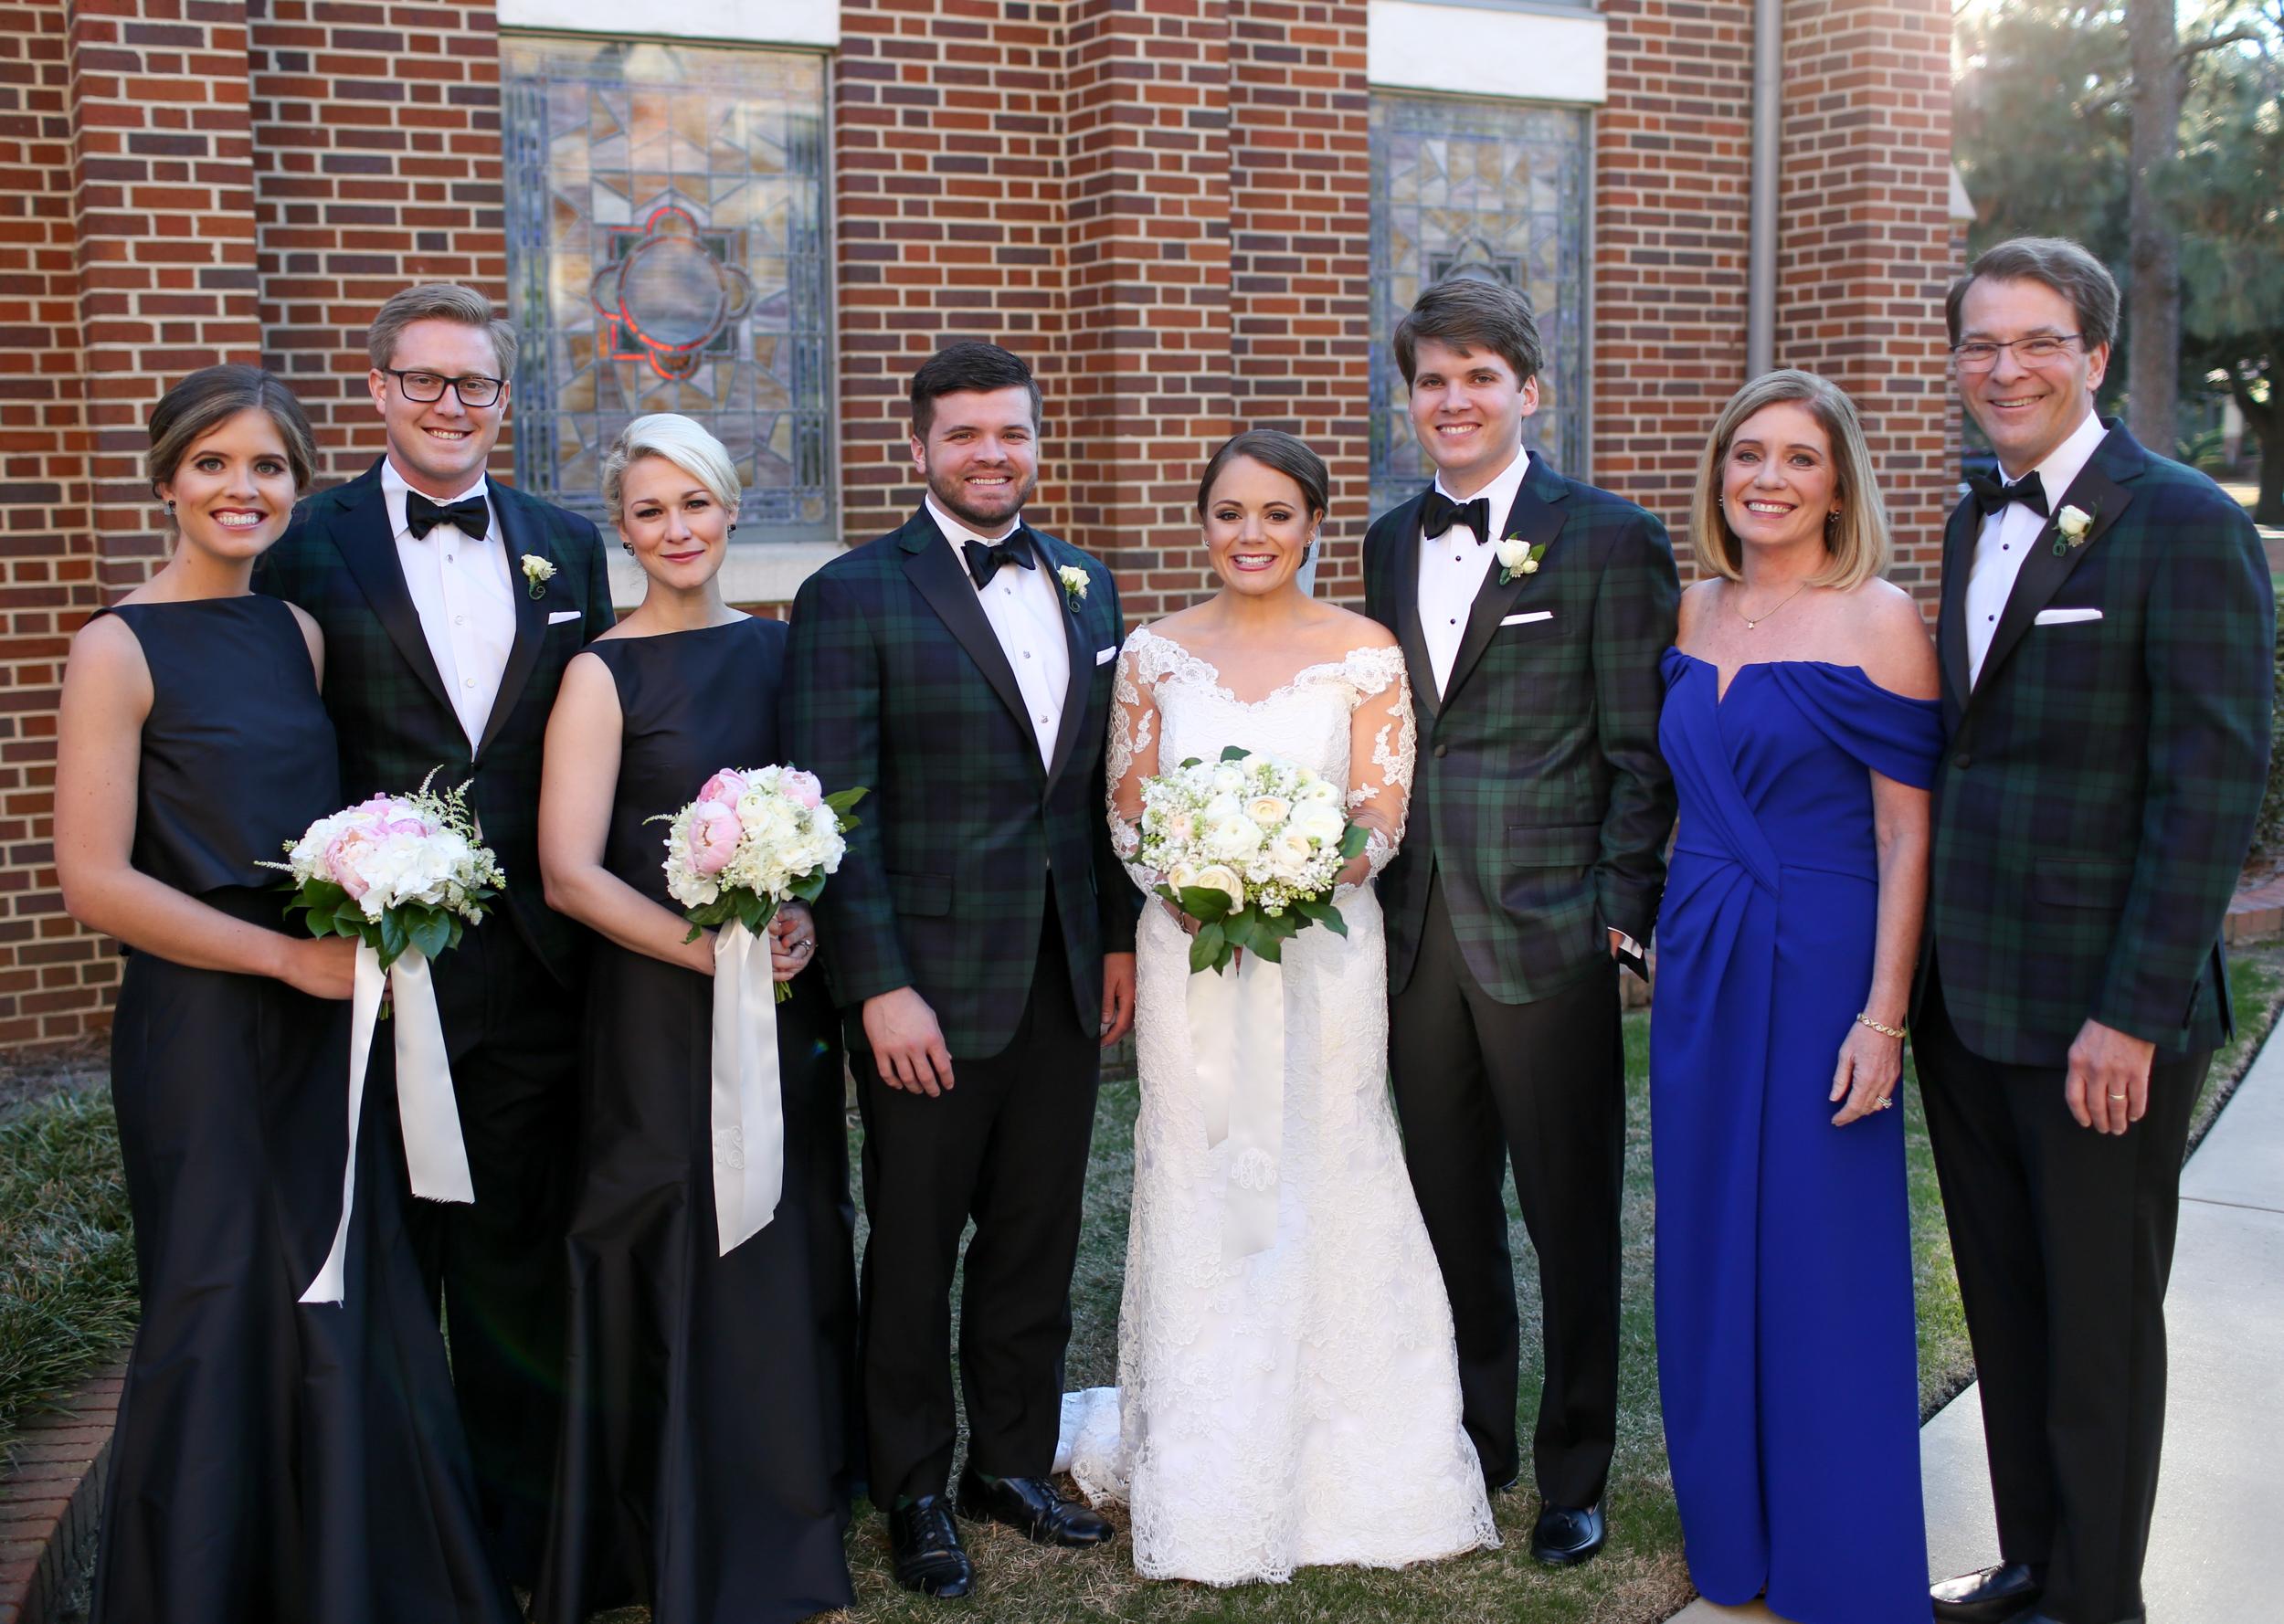 Kuhlke_wedding-427.jpg